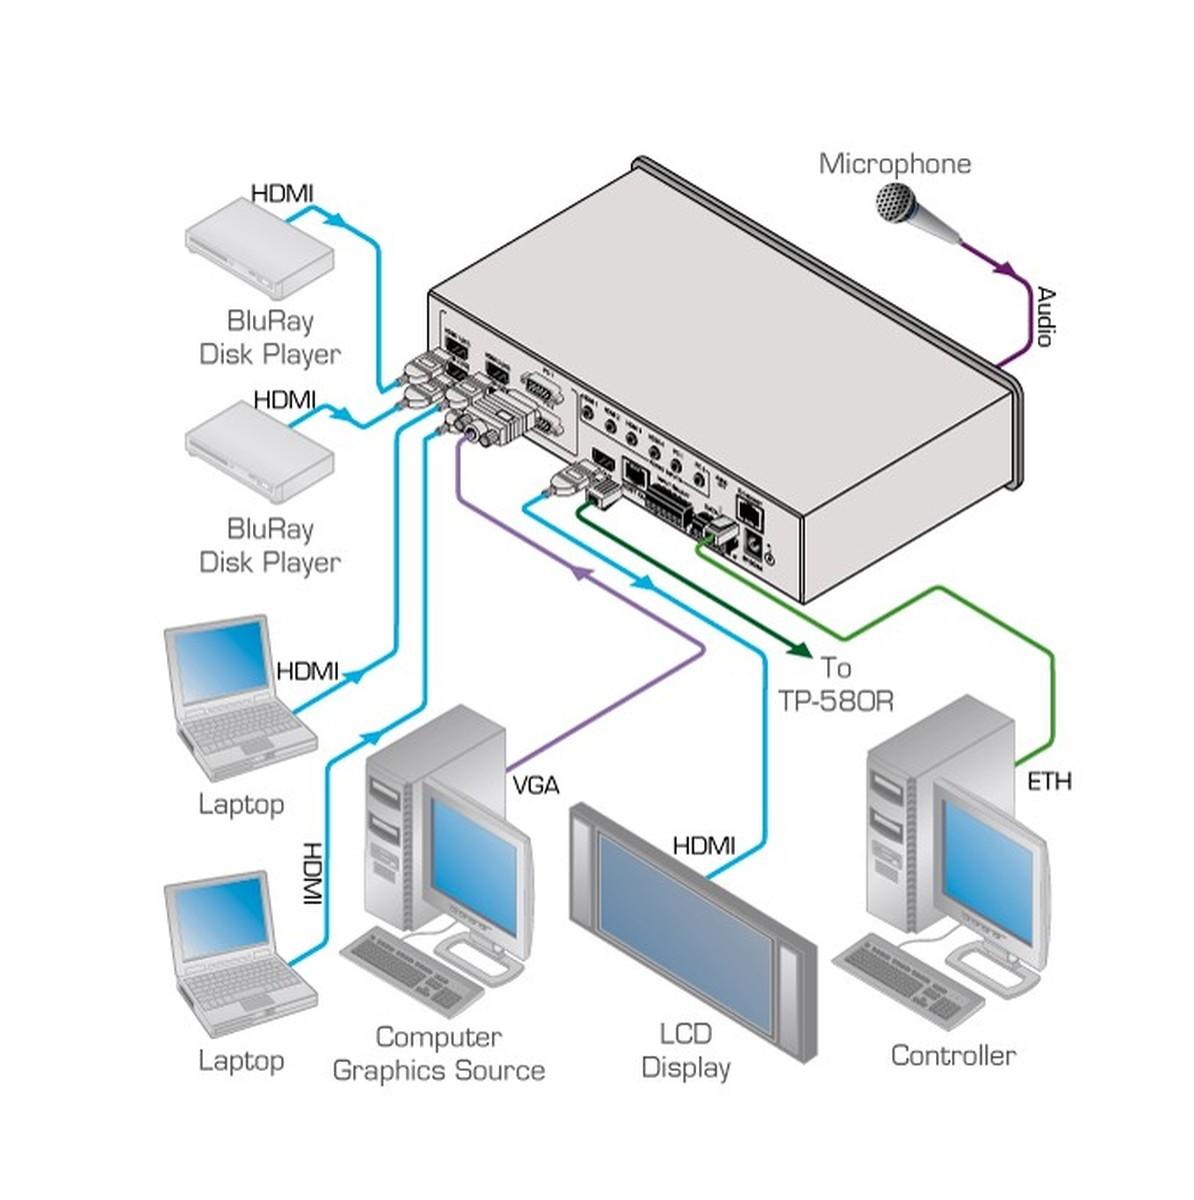 kramer striker wiring diagram kramer vp-440 20-00056490 6 hdmi, vga input to hdmi ...